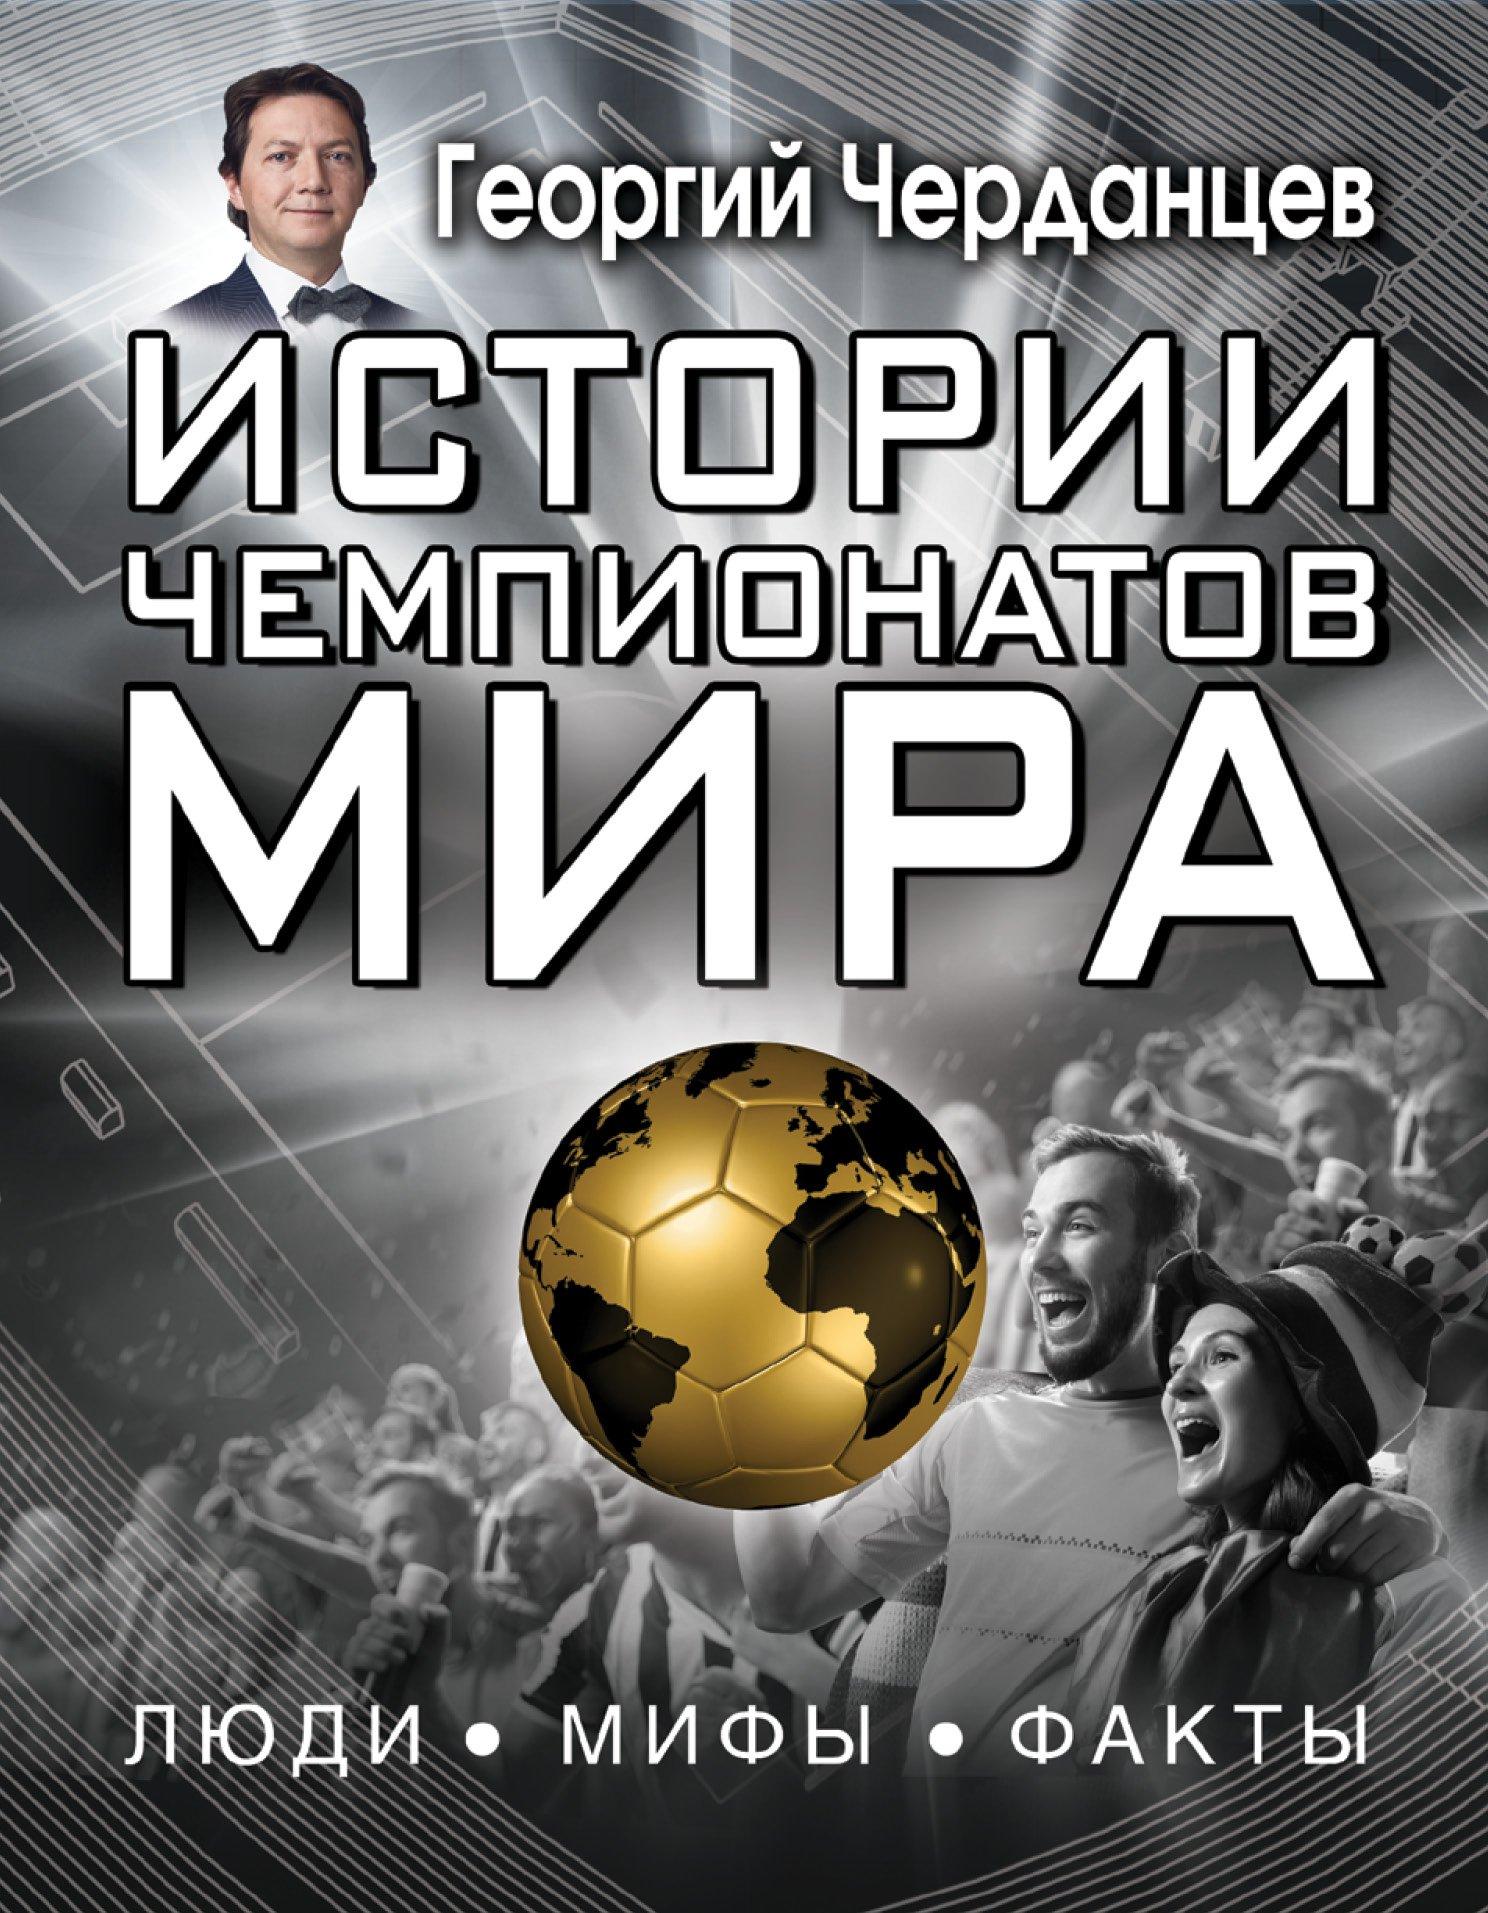 Истории чемпионатов мира ( Черданцев Георгий Владимирович  )